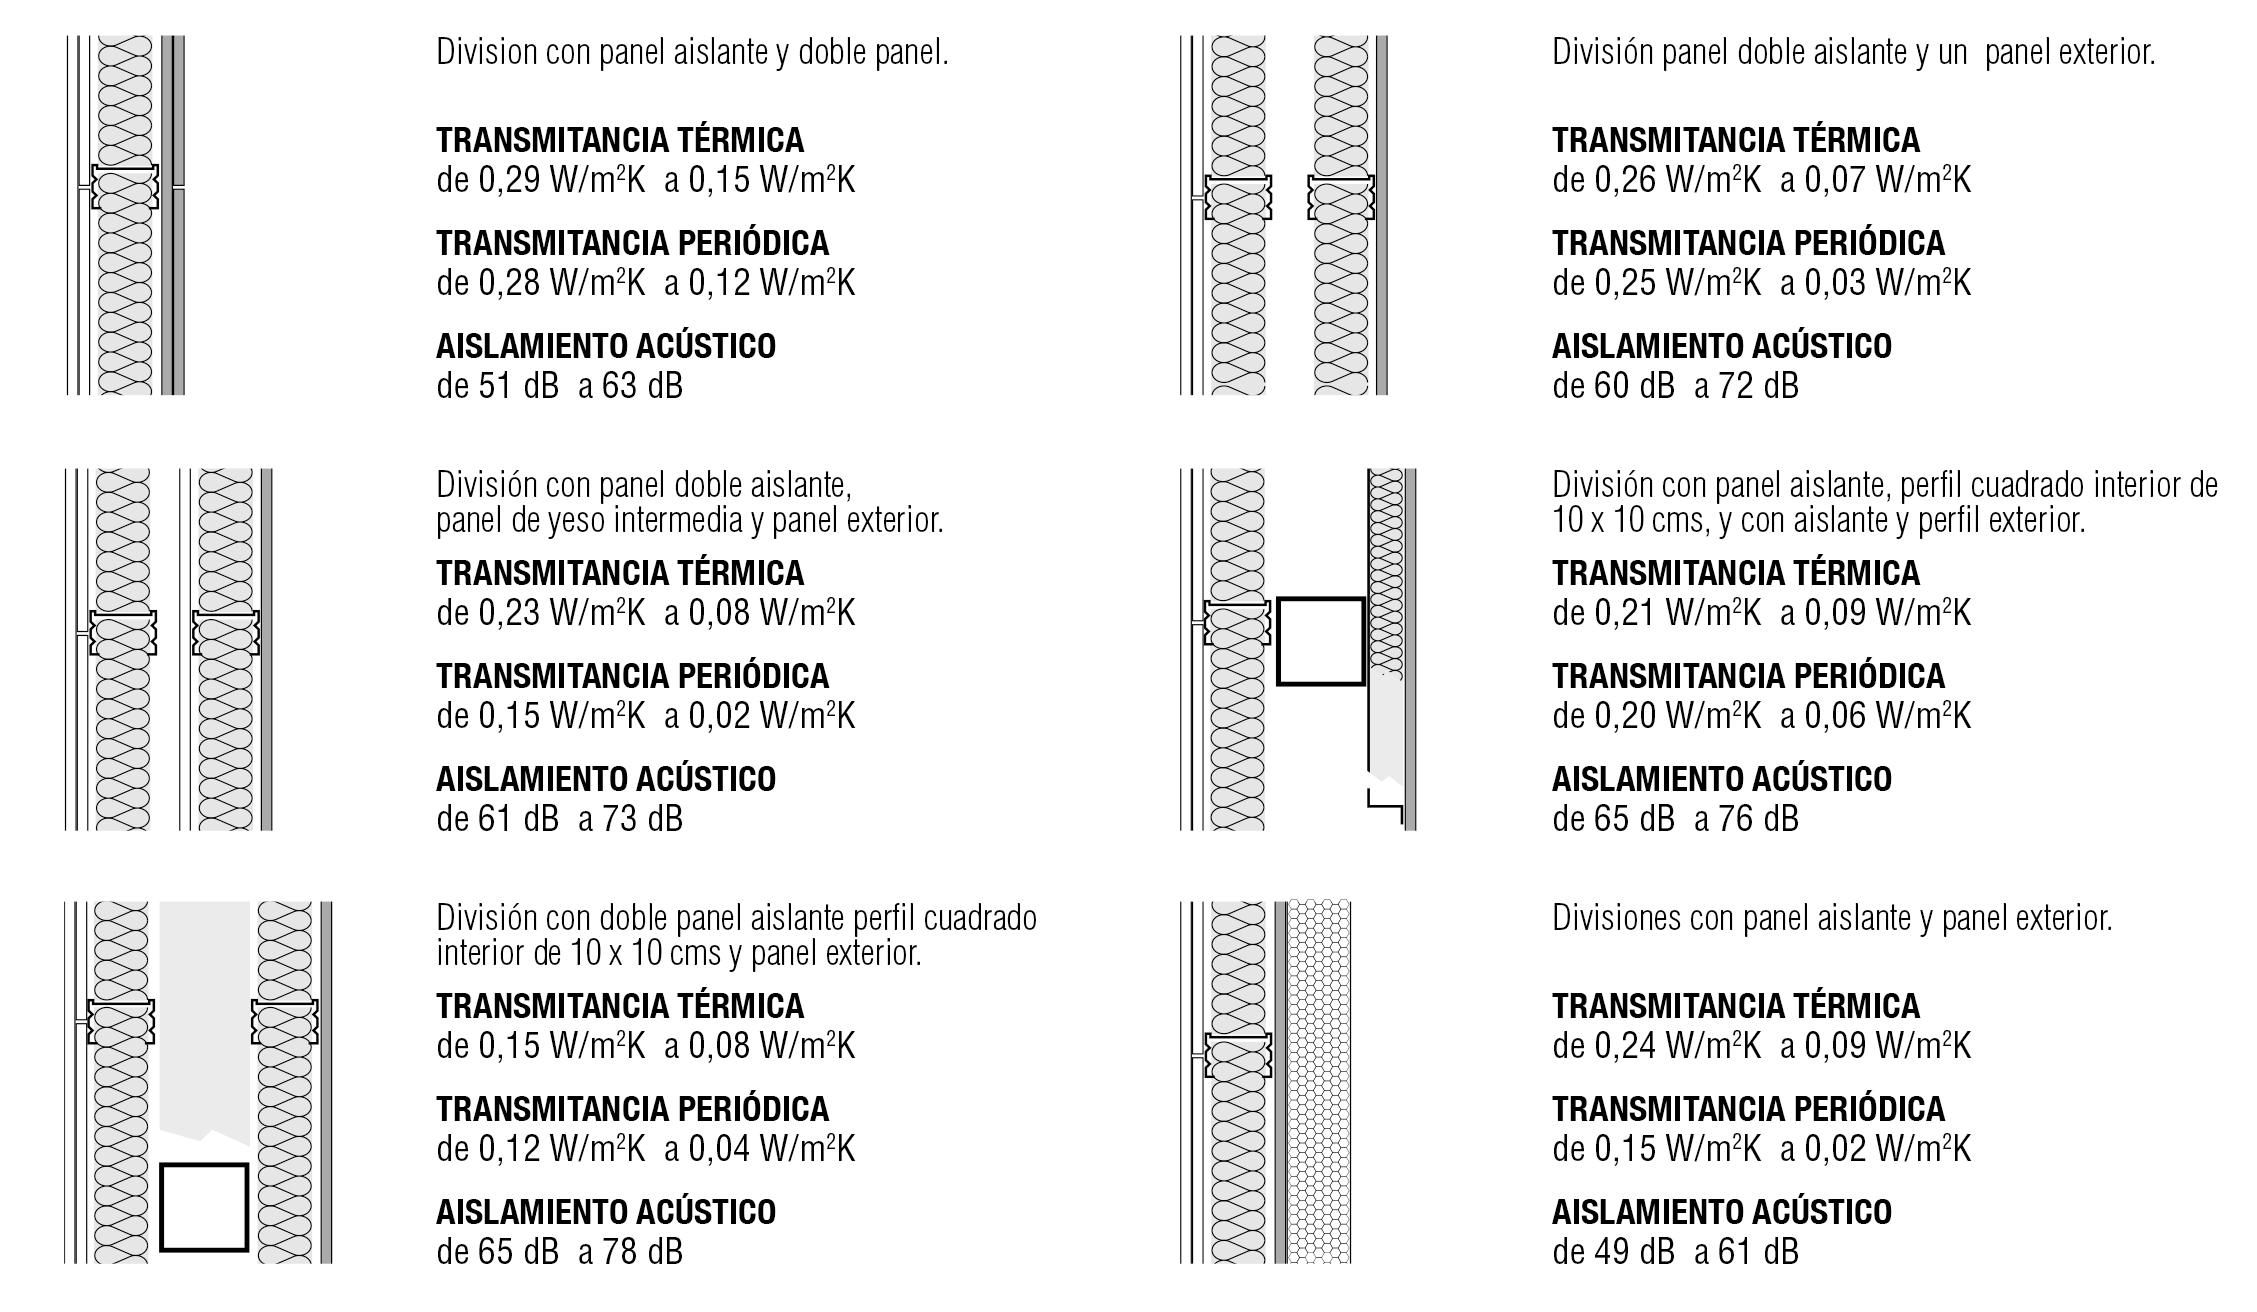 Divisiones con diferentes funionestermicas